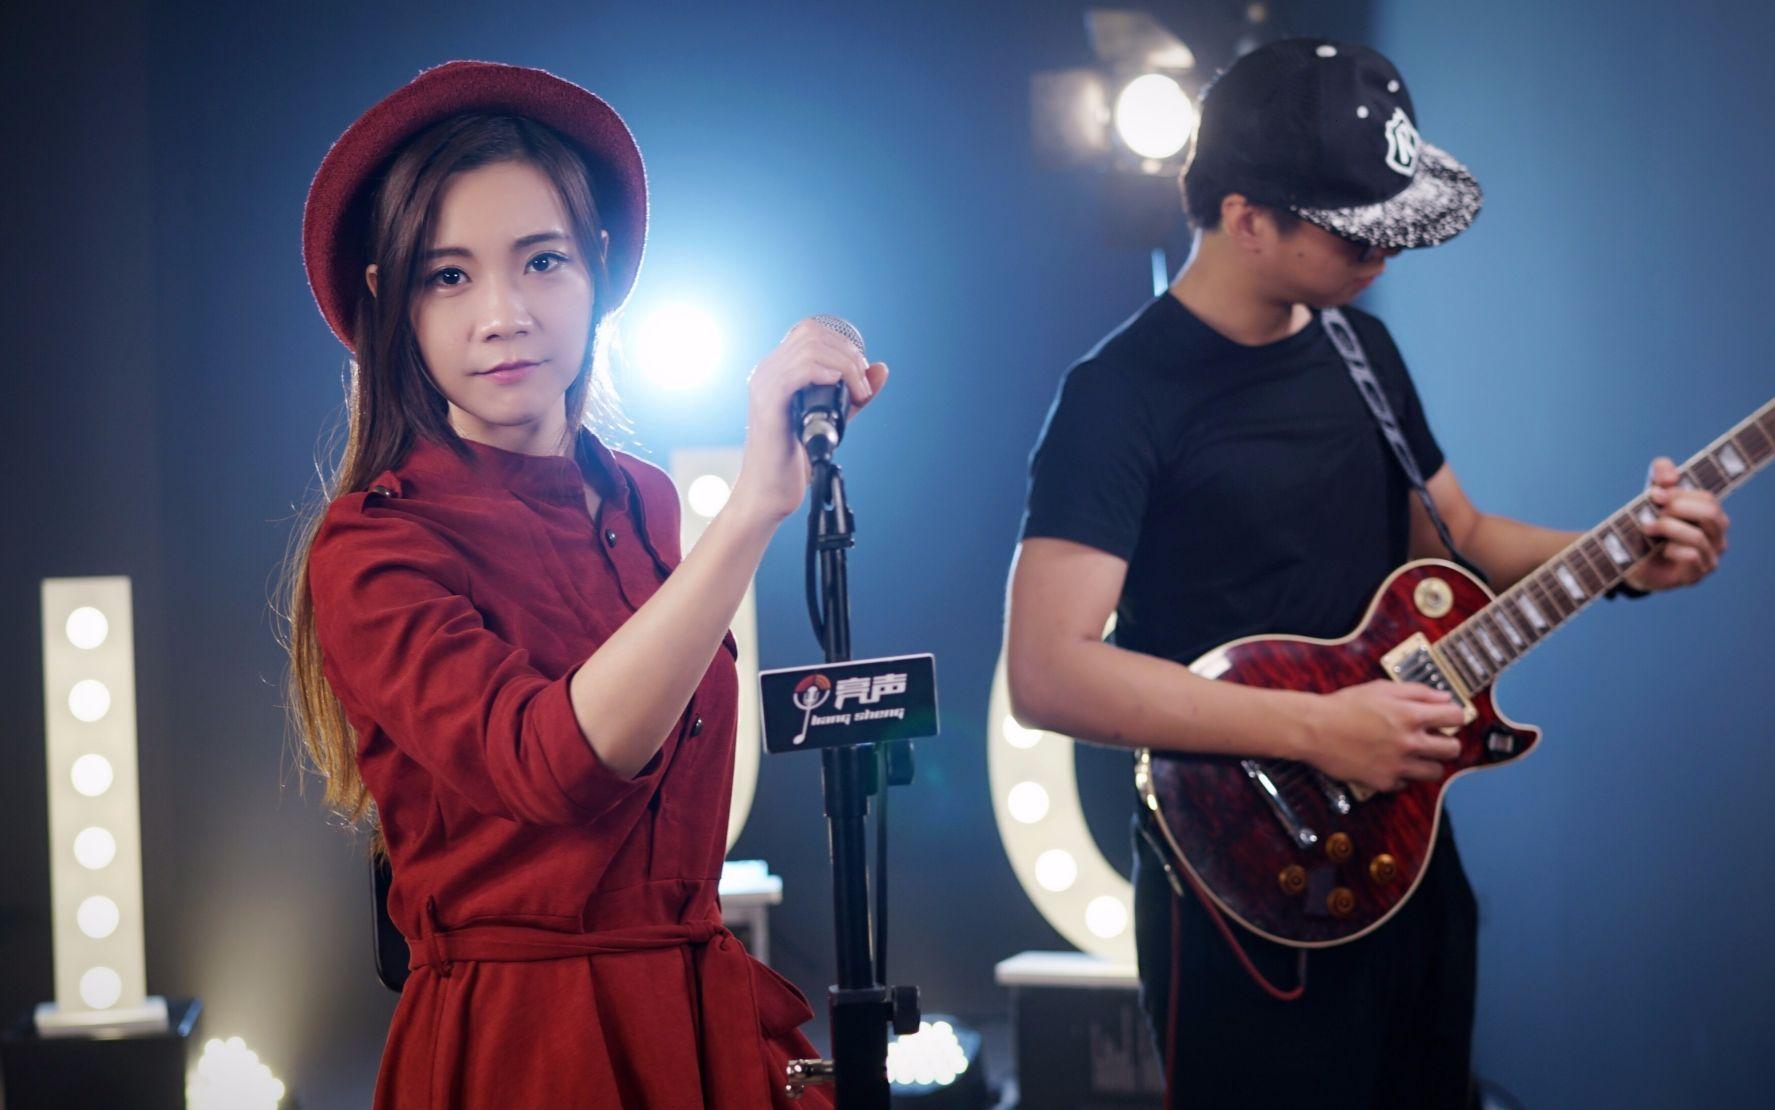 女声翻唱 《我们不一样》粤语版本 热血沸腾